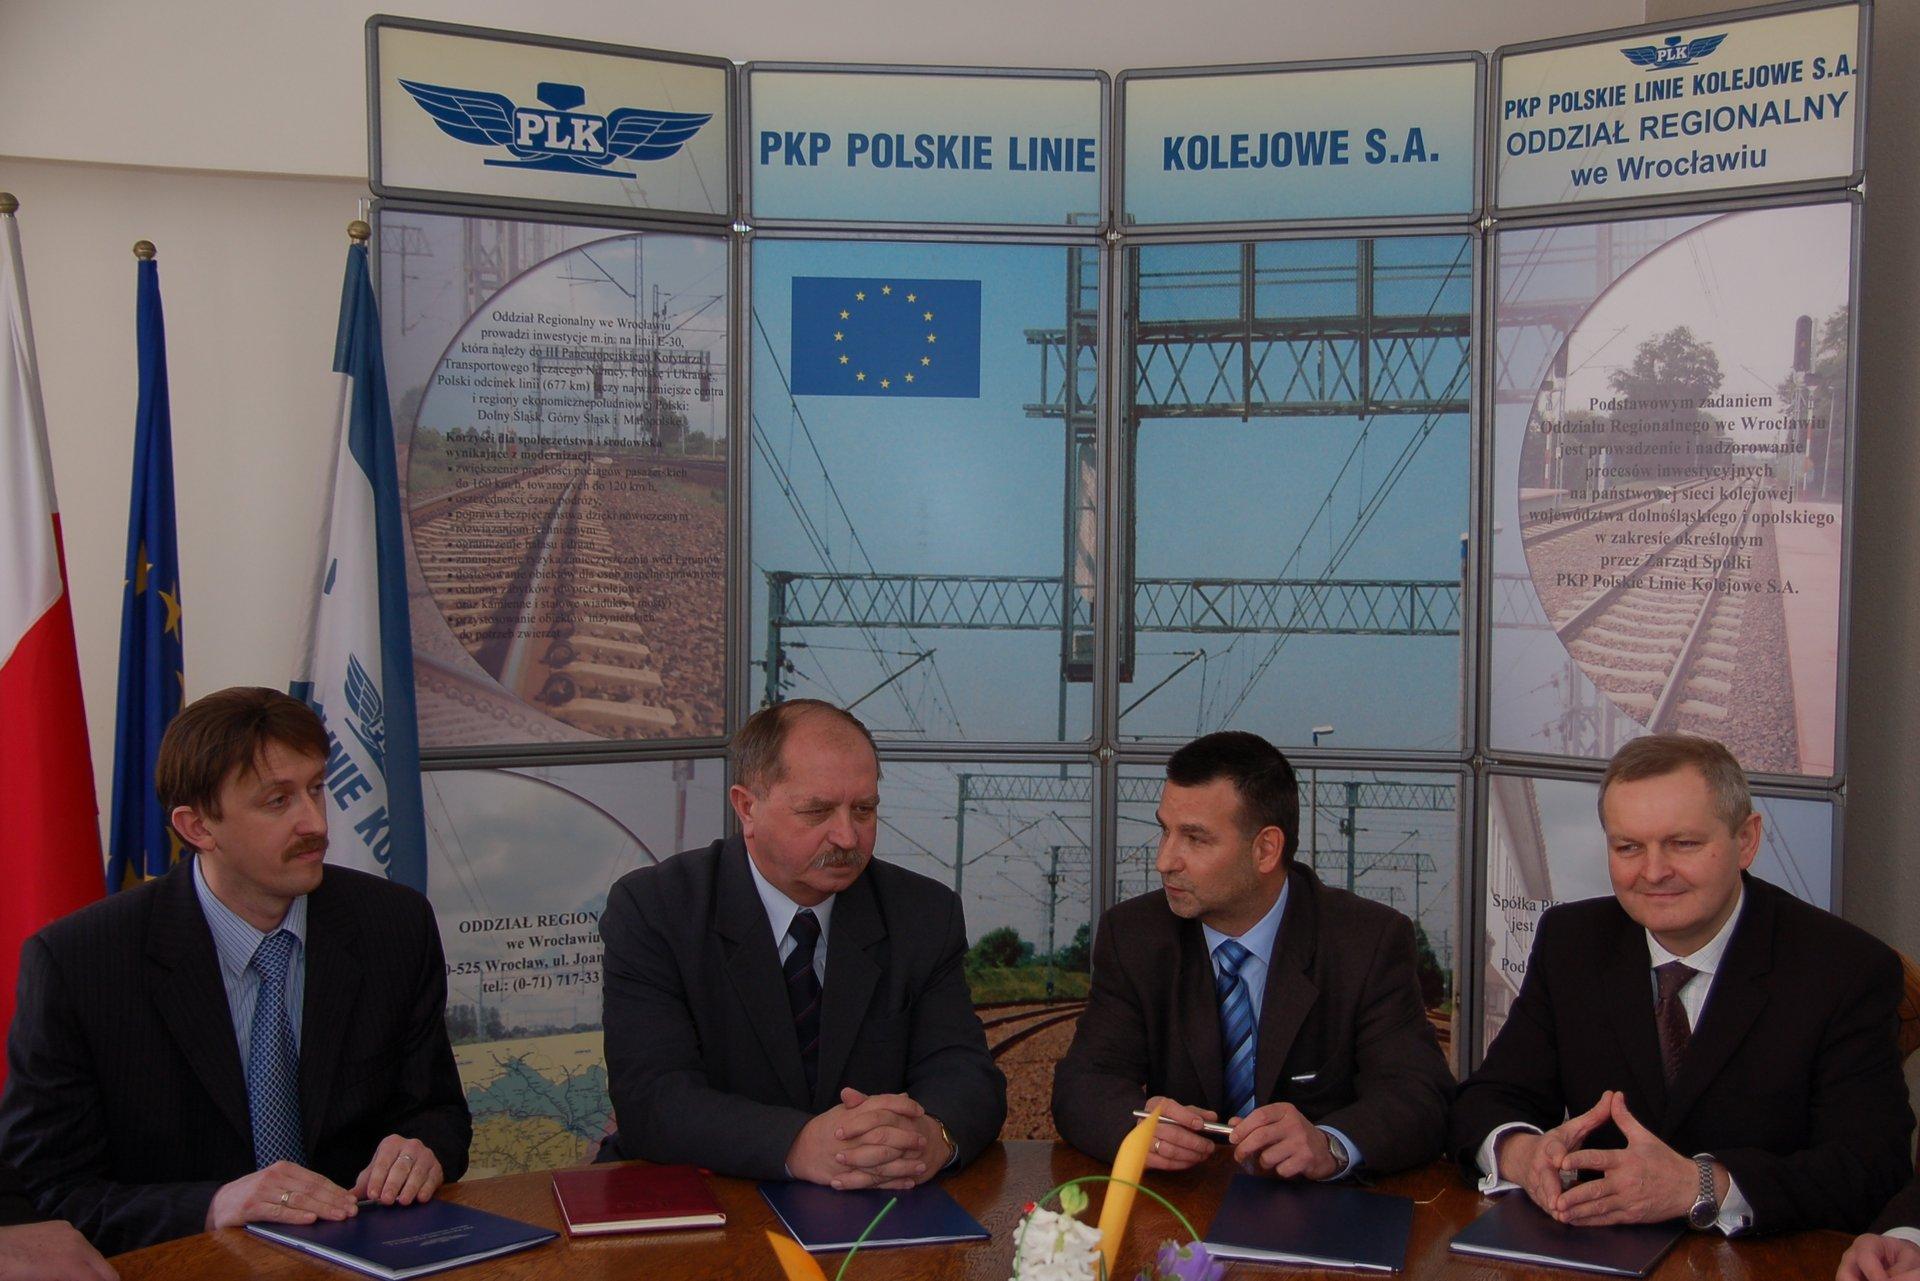 98fe308e0 Podpisanie umowy na przebudowę szlaku Malczyce-Szczedrzykowice - PKP ...